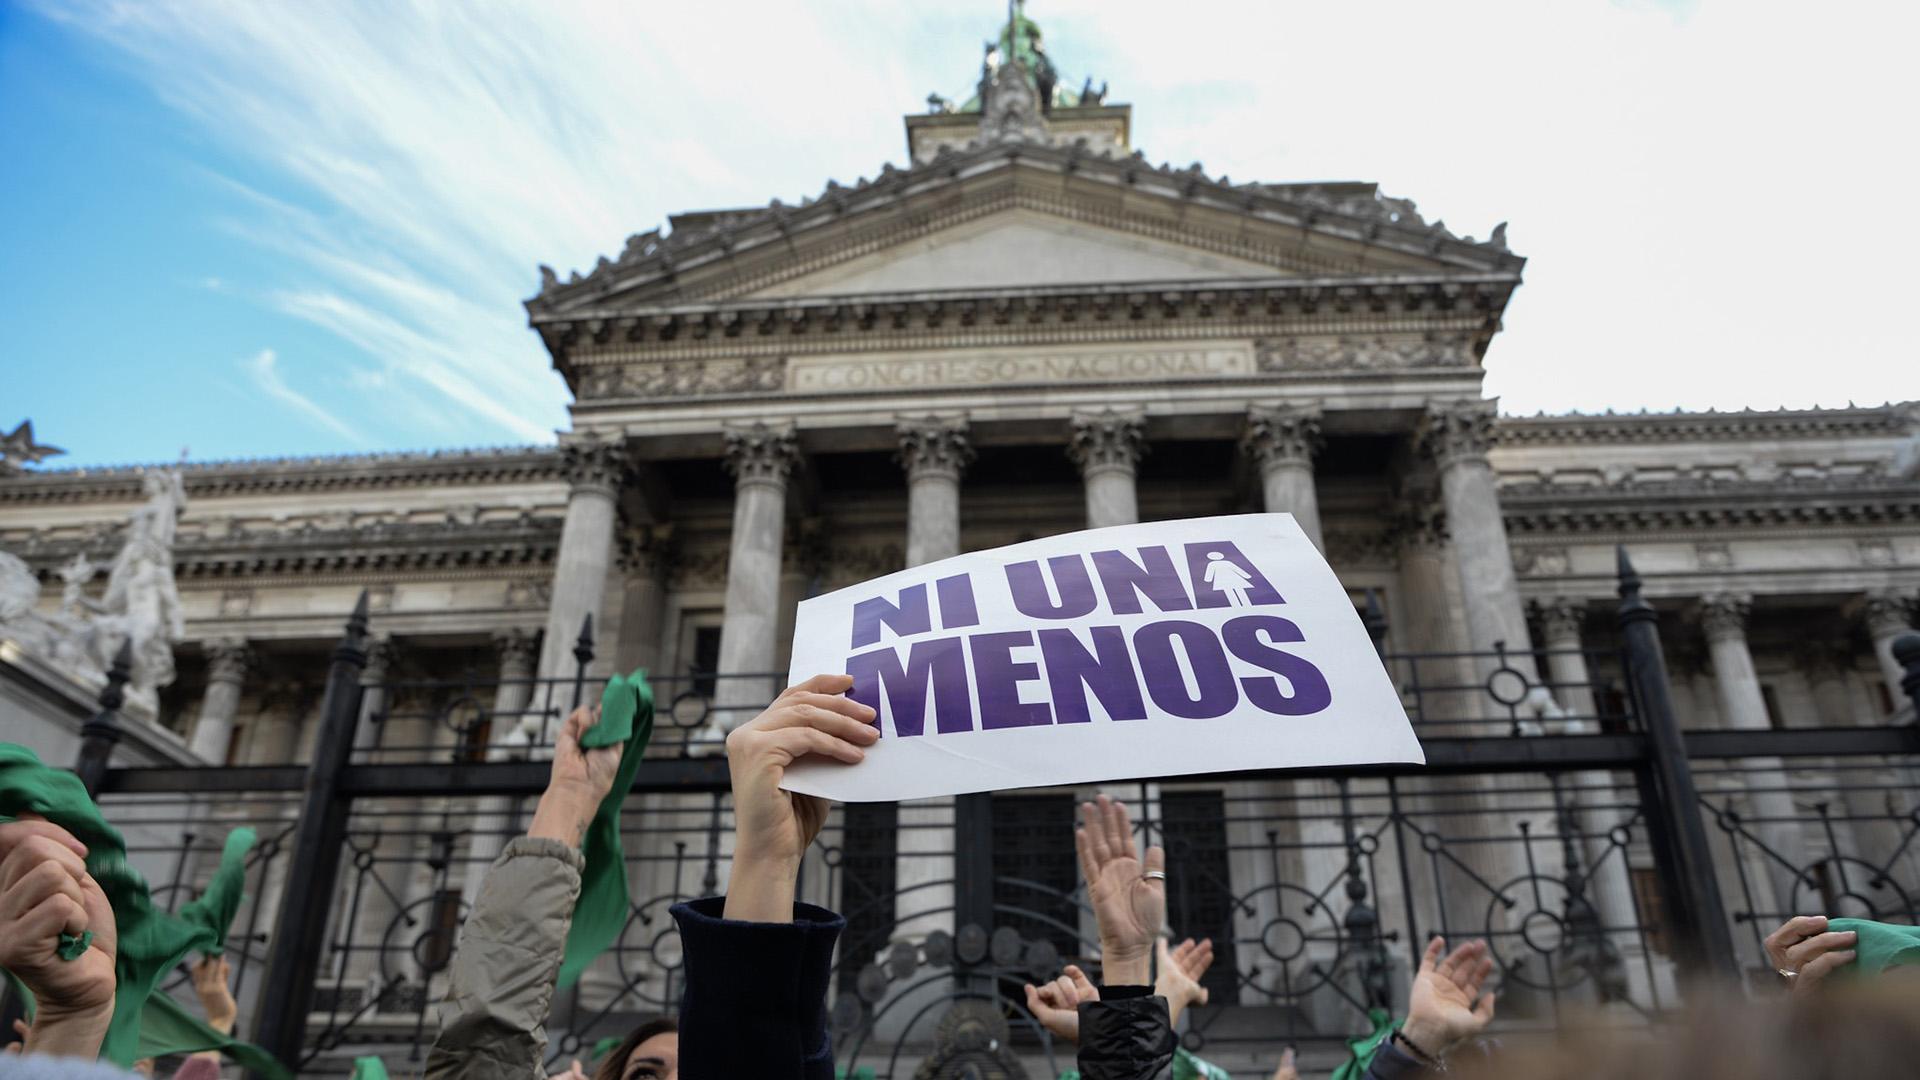 """La consigna """"Ni Una Menos"""", que se convirtió en un símbolo de la lucha contra la violencia de género en nuestro país (Julieta Ferrario)"""